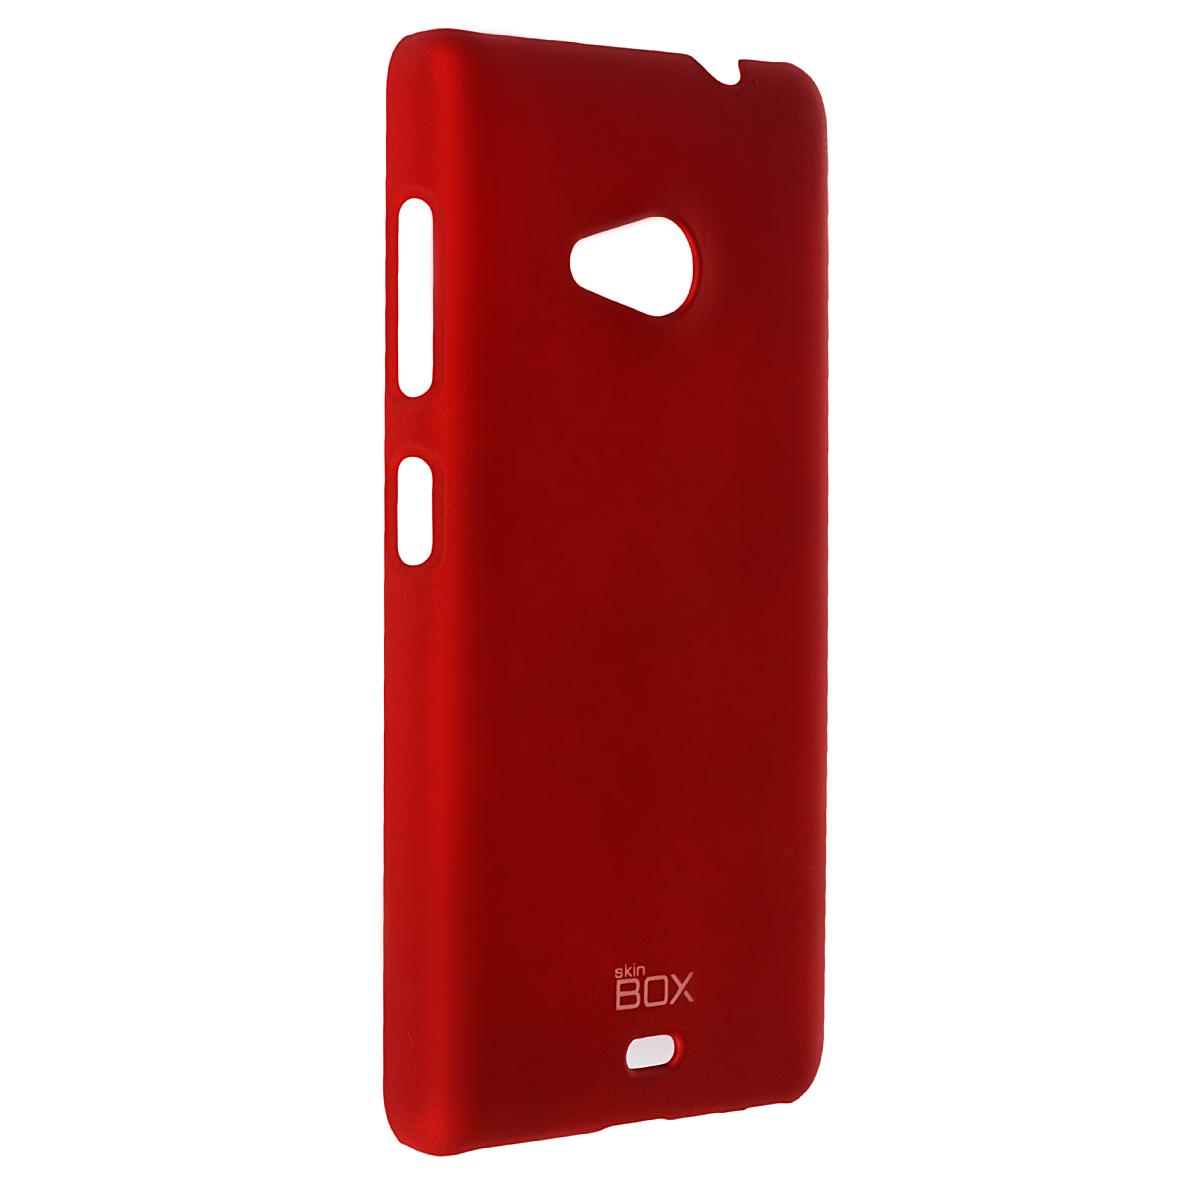 Skinbox Shield 4People чехол для Microsoft Lumia 535, RedT-S-ML535-002Чехол Skinbox Shield 4People для Microsoft Lumia 535 предназначен для защиты корпуса смартфона от механических повреждений и царапин в процессе эксплуатации. Имеется свободный доступ ко всем разъемам и кнопкам устройства. В комплект также входит защитная пленка на экран телефона.